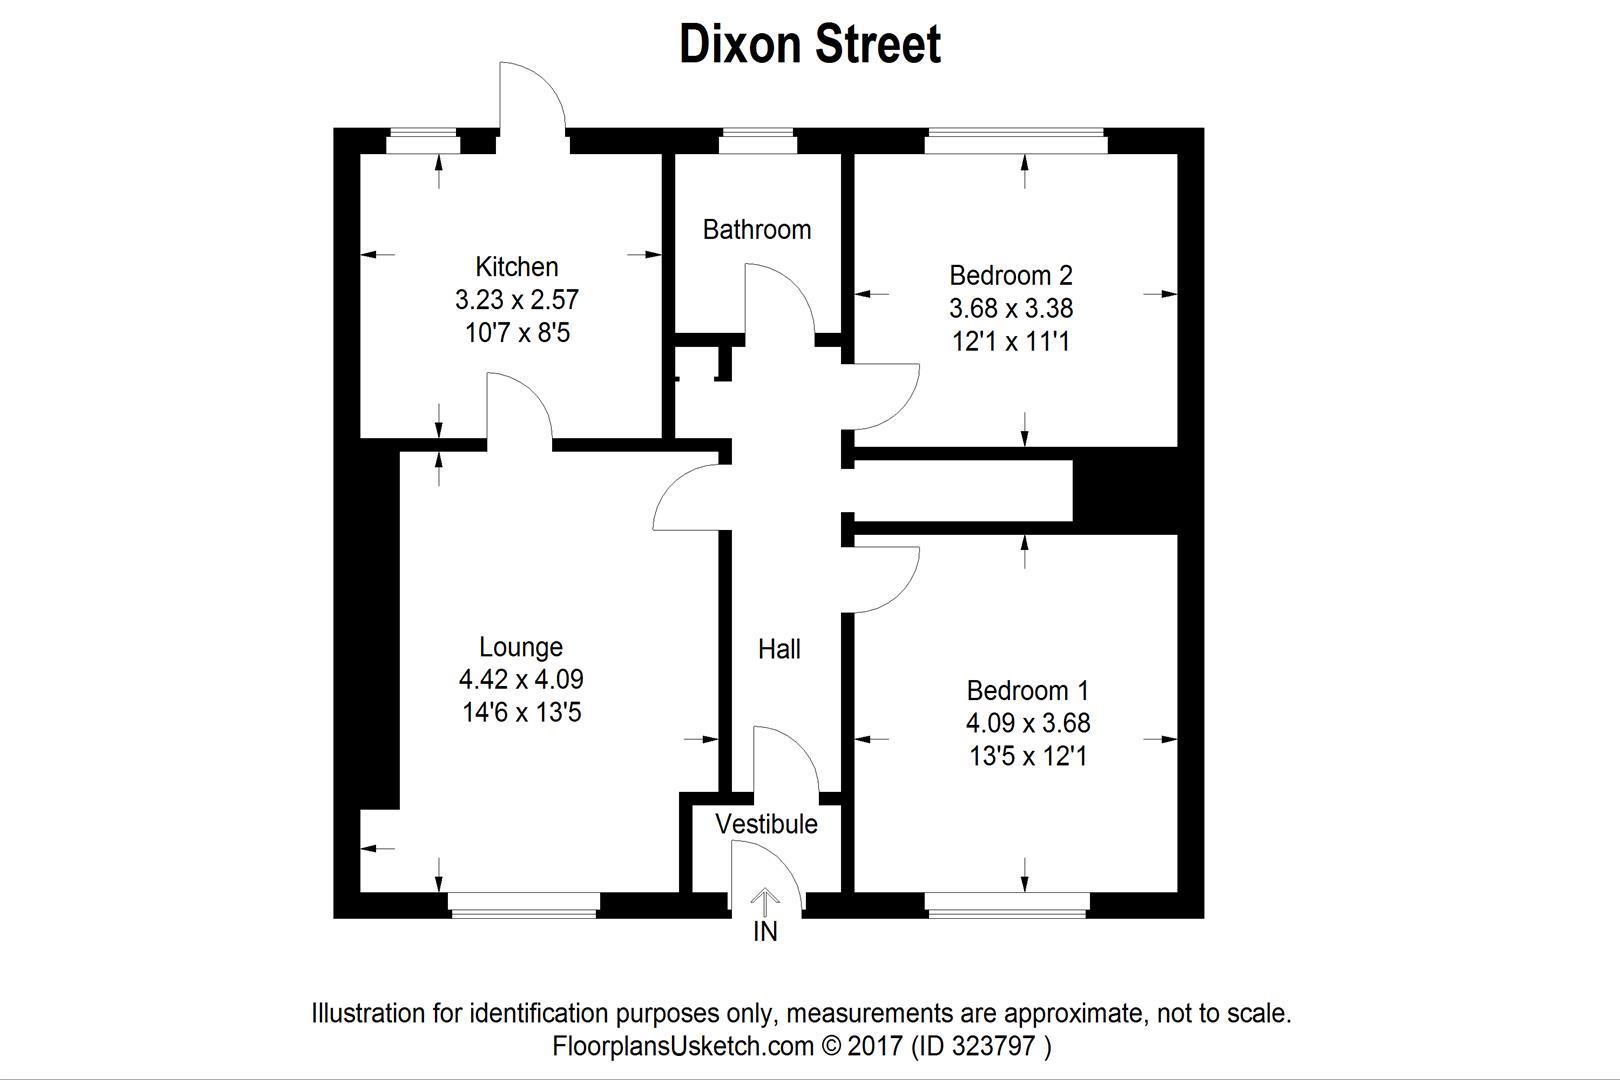 Floor Plan - Dixon Street.jpg